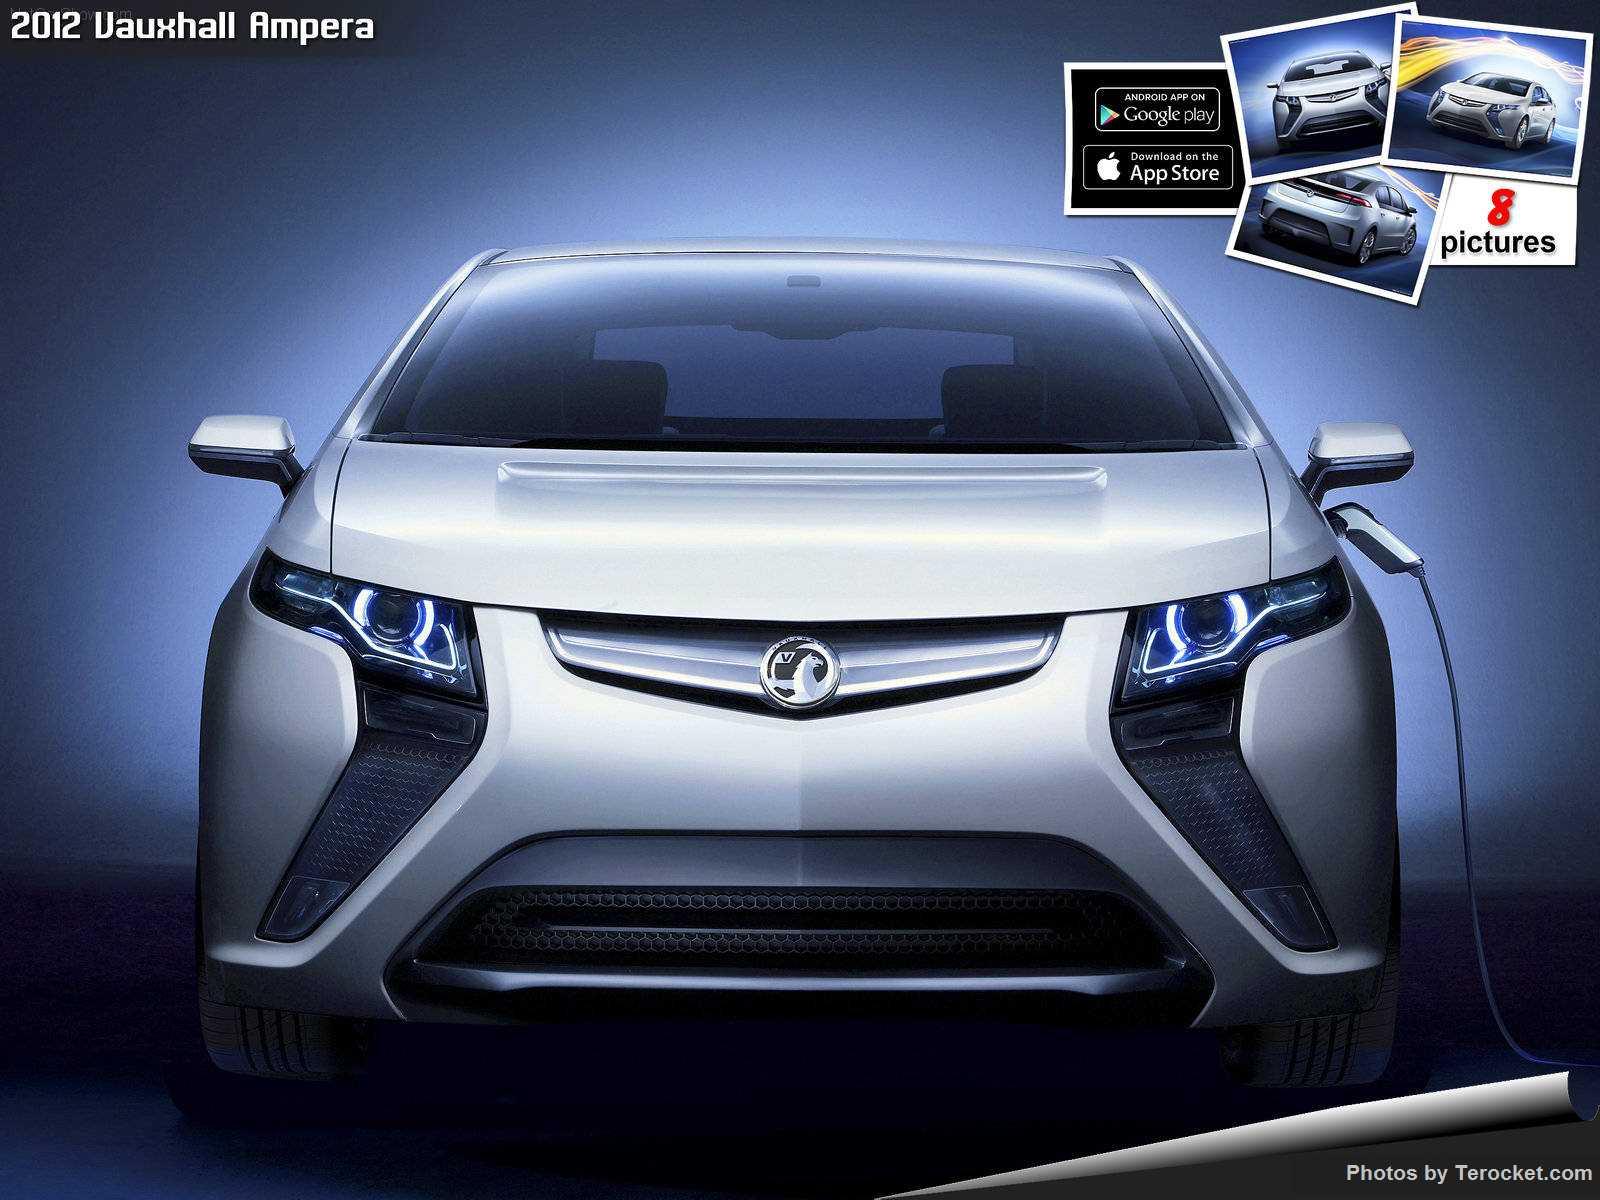 Hình ảnh xe ô tô Vauxhall Ampera 2012 & nội ngoại thất